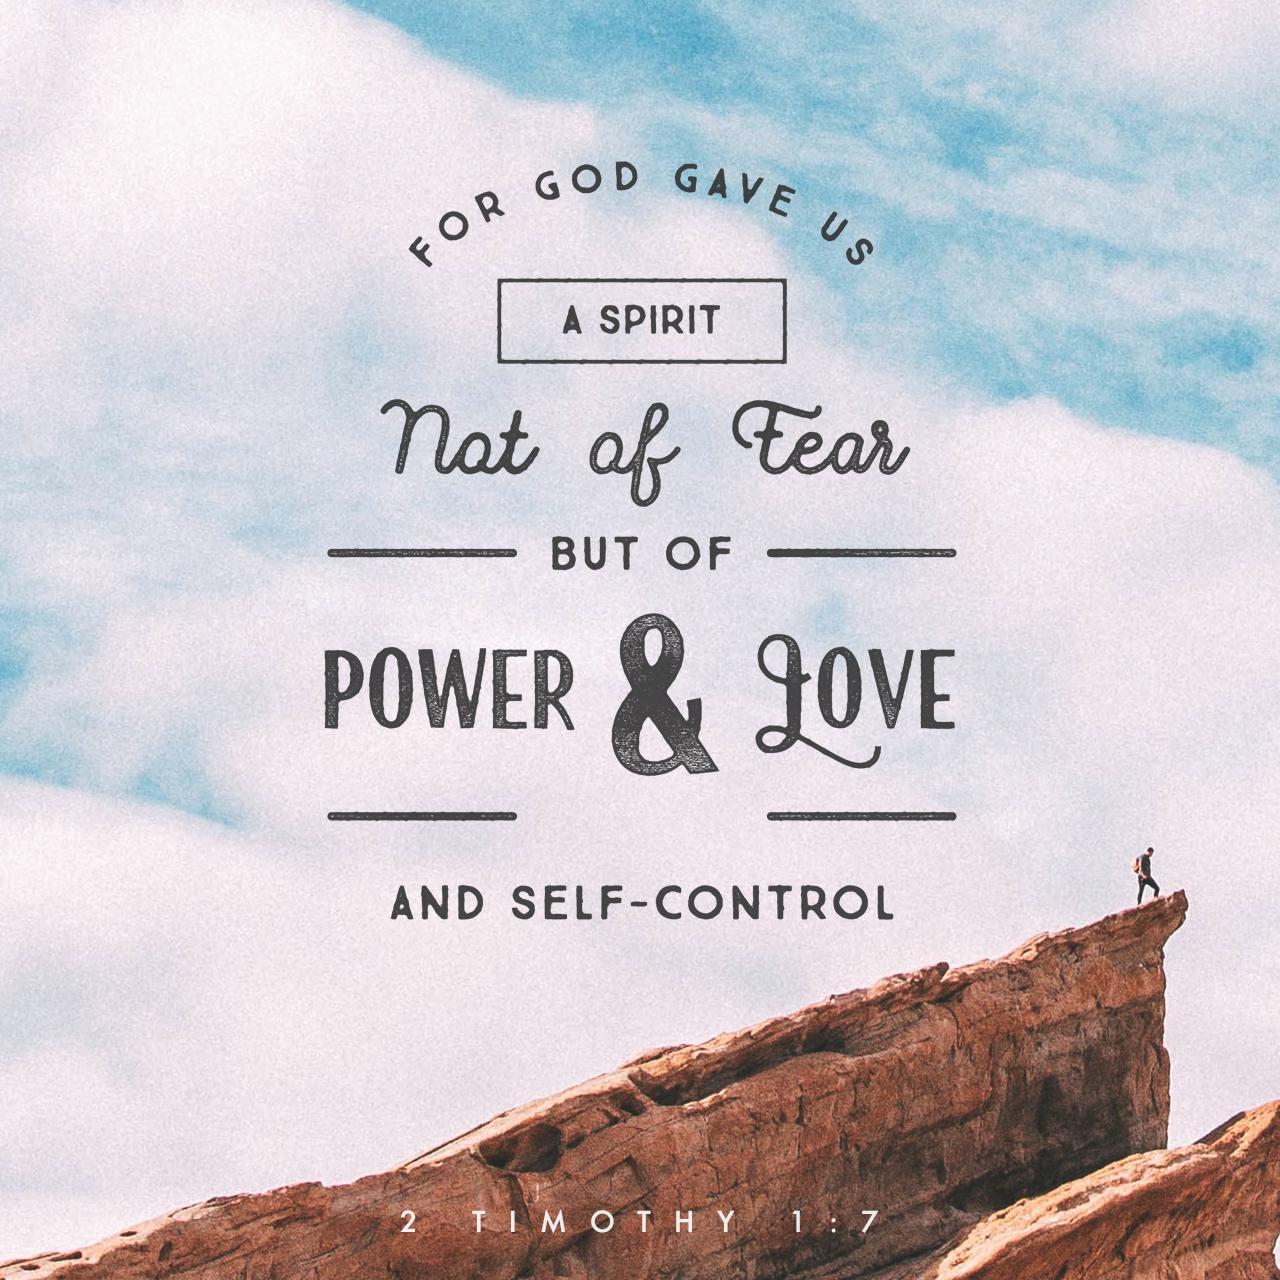 2 Timothy 1:7 (JPG)